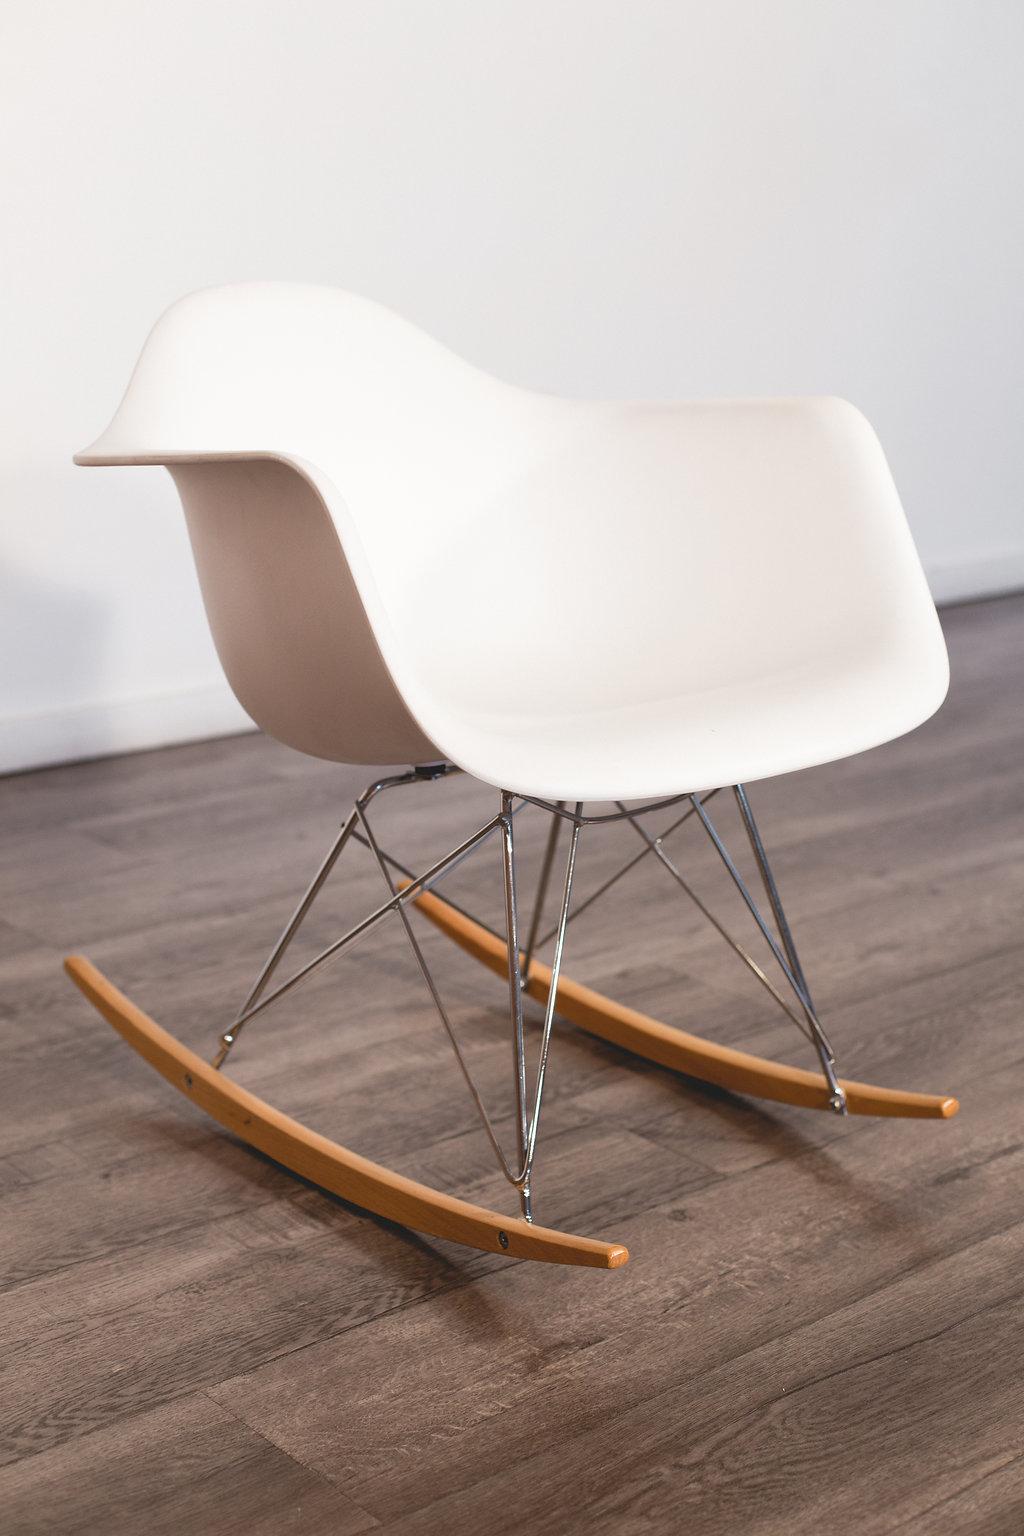 White Eames Style Rocking Chair Quantity: 2 Price: $30 EA